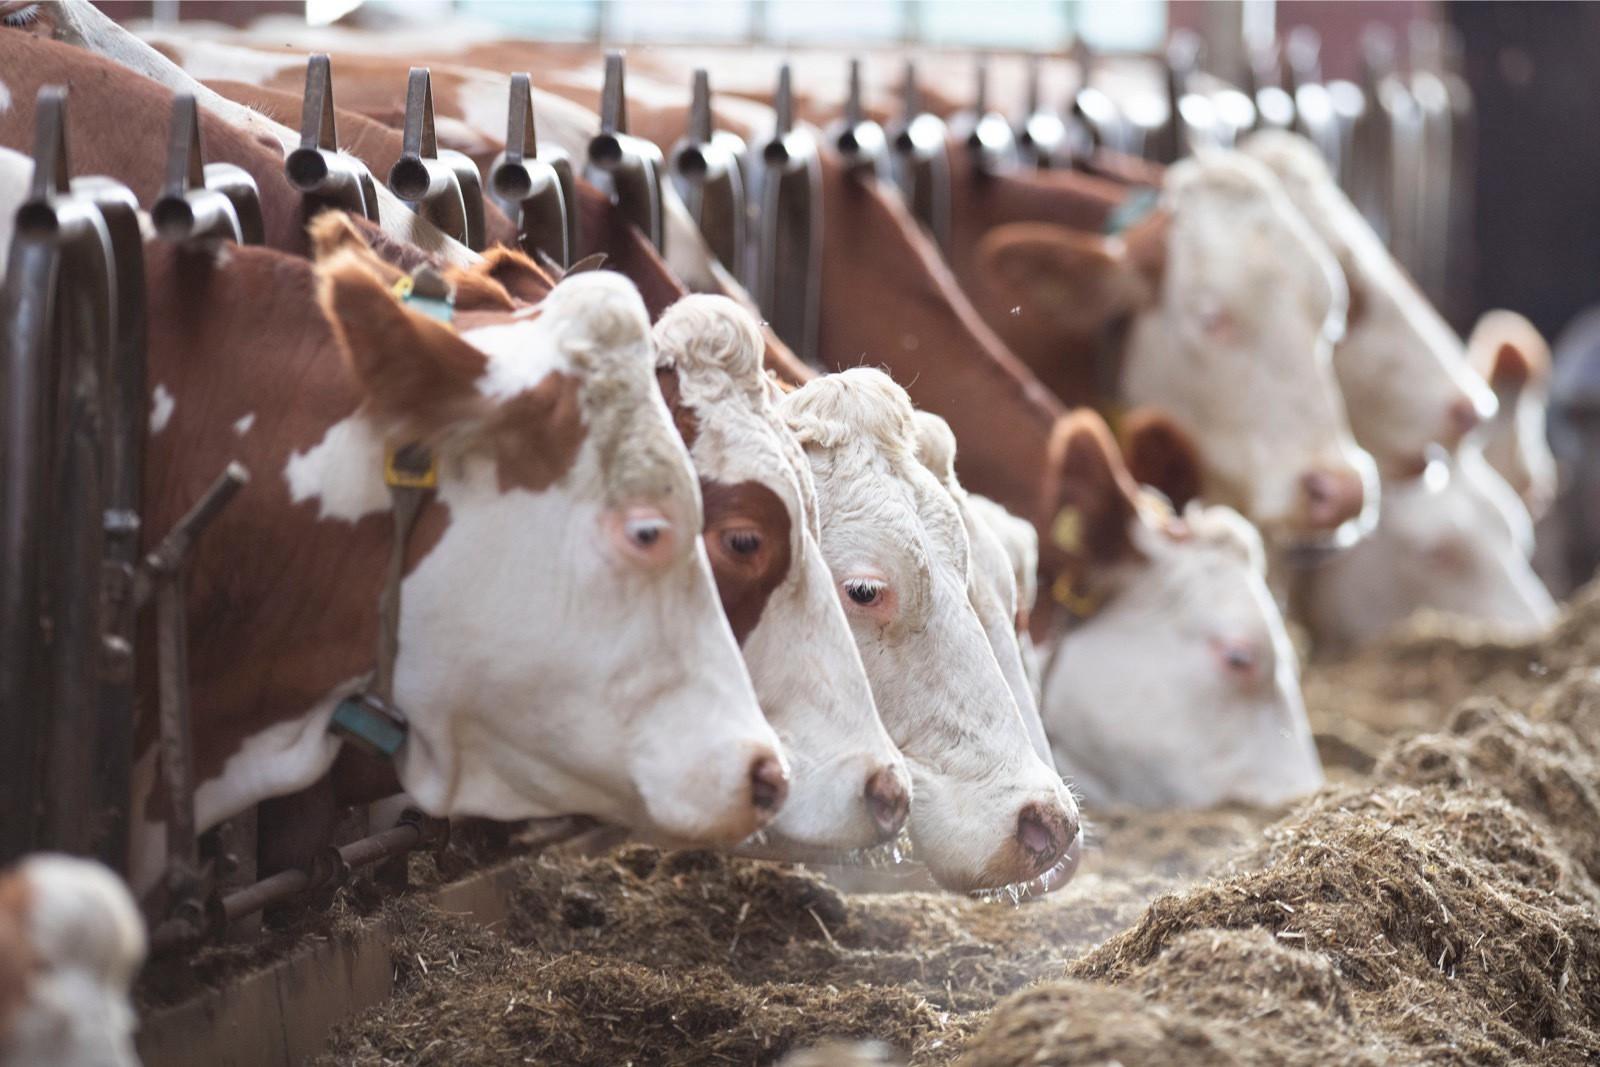 Fleckvieh cows